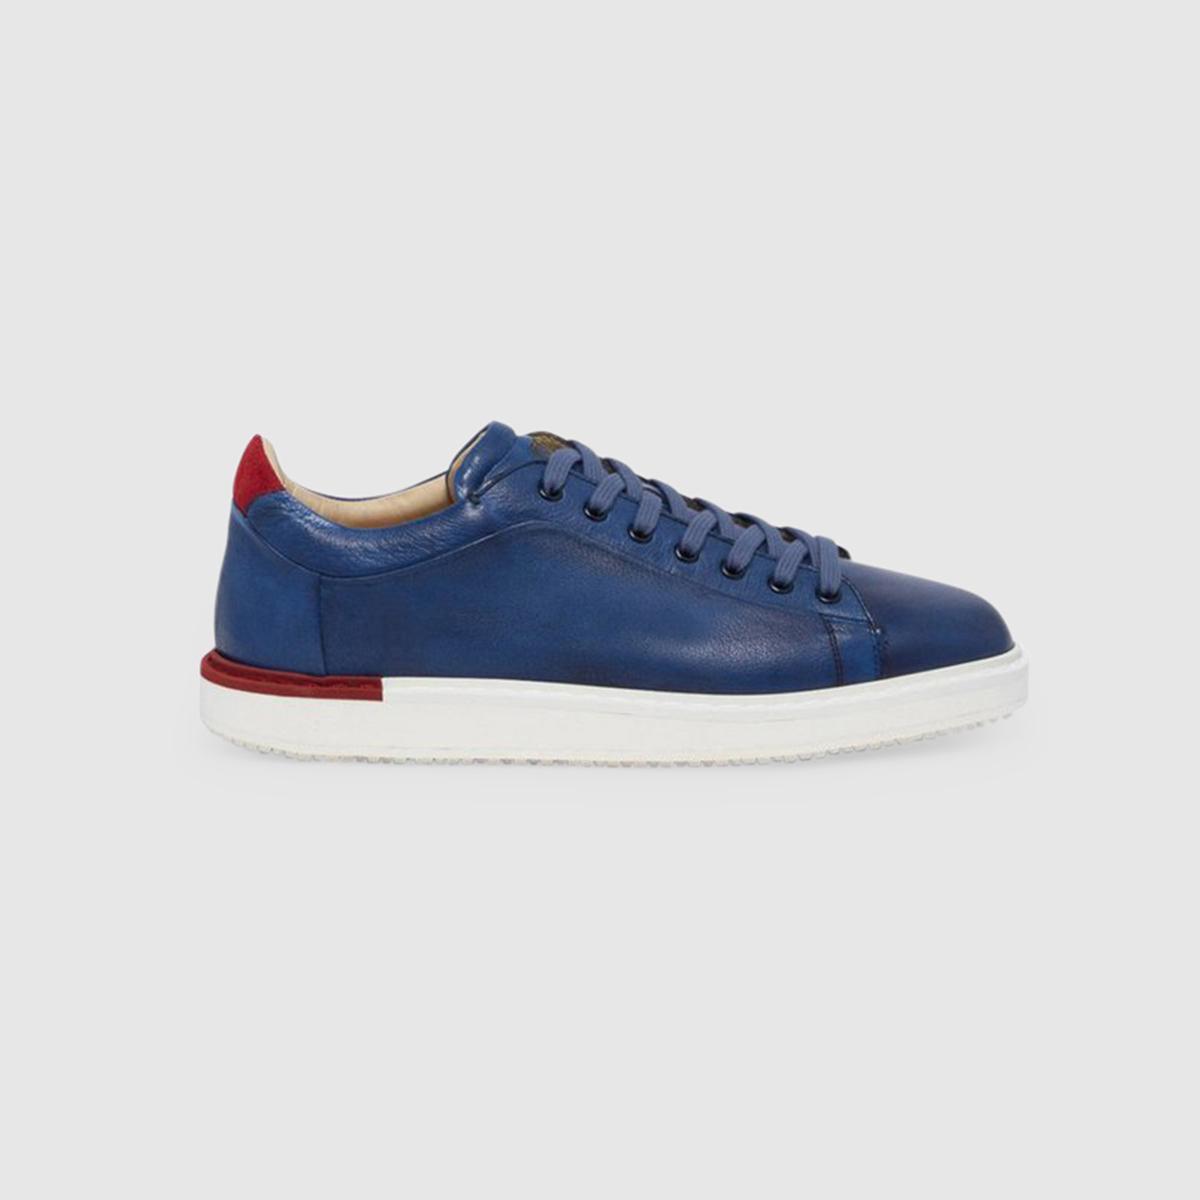 Sneaker in Cervo Bicolore  Blu/Rosso